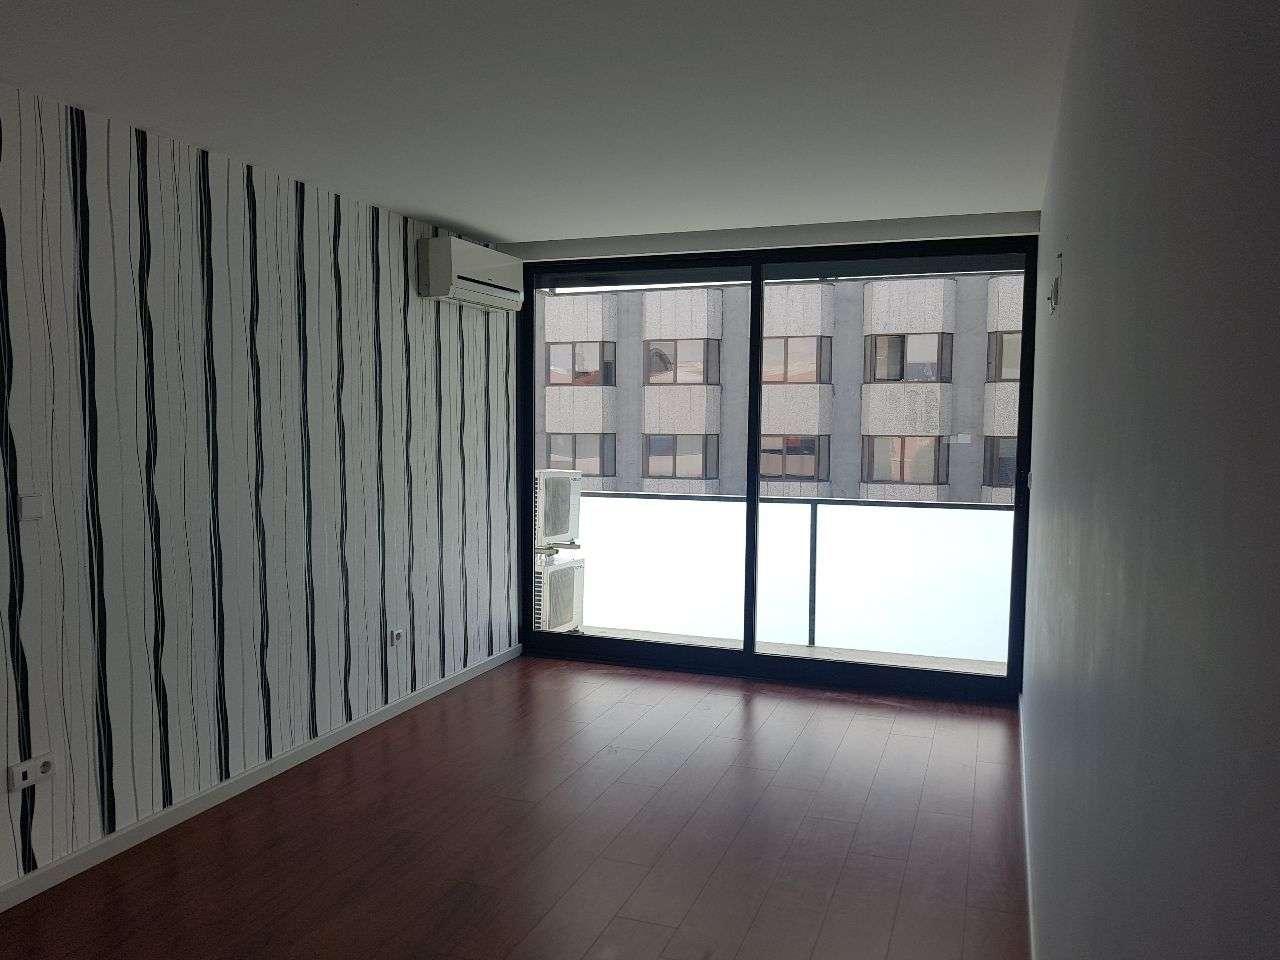 Apartamento para comprar, Valença, Cristelo Covo e Arão, Viana do Castelo - Foto 6